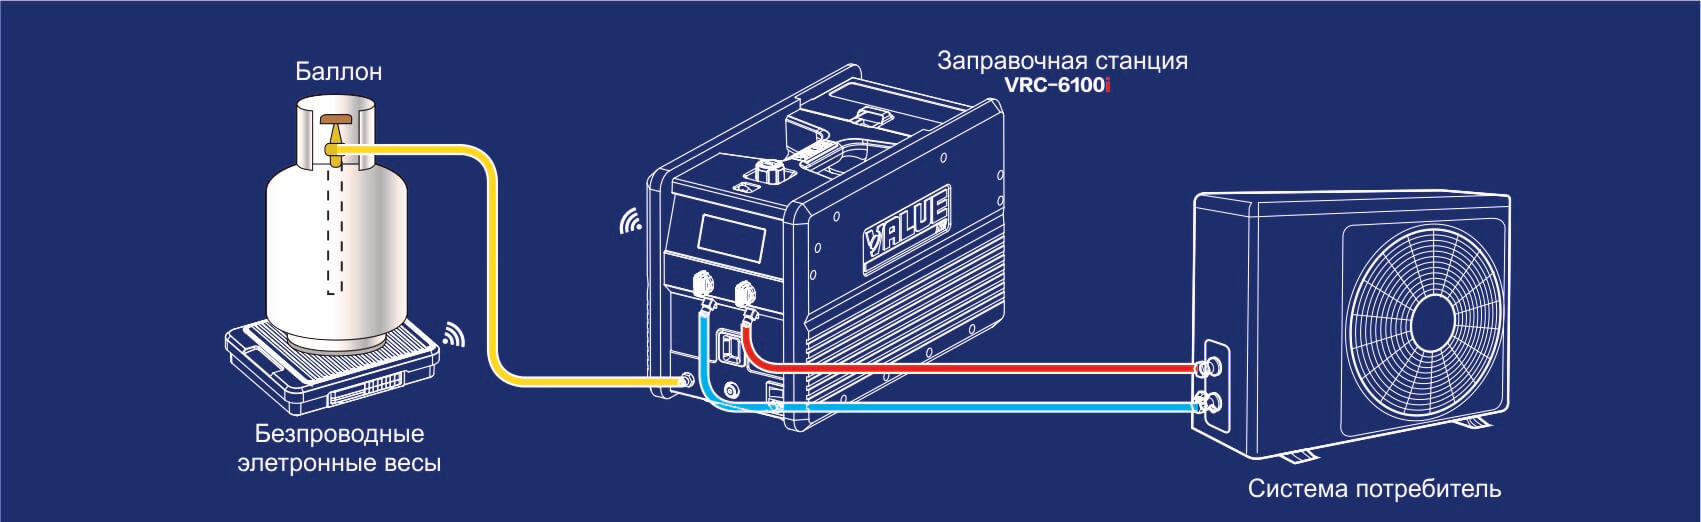 Автоматическая заправочная станция VRC-6100I